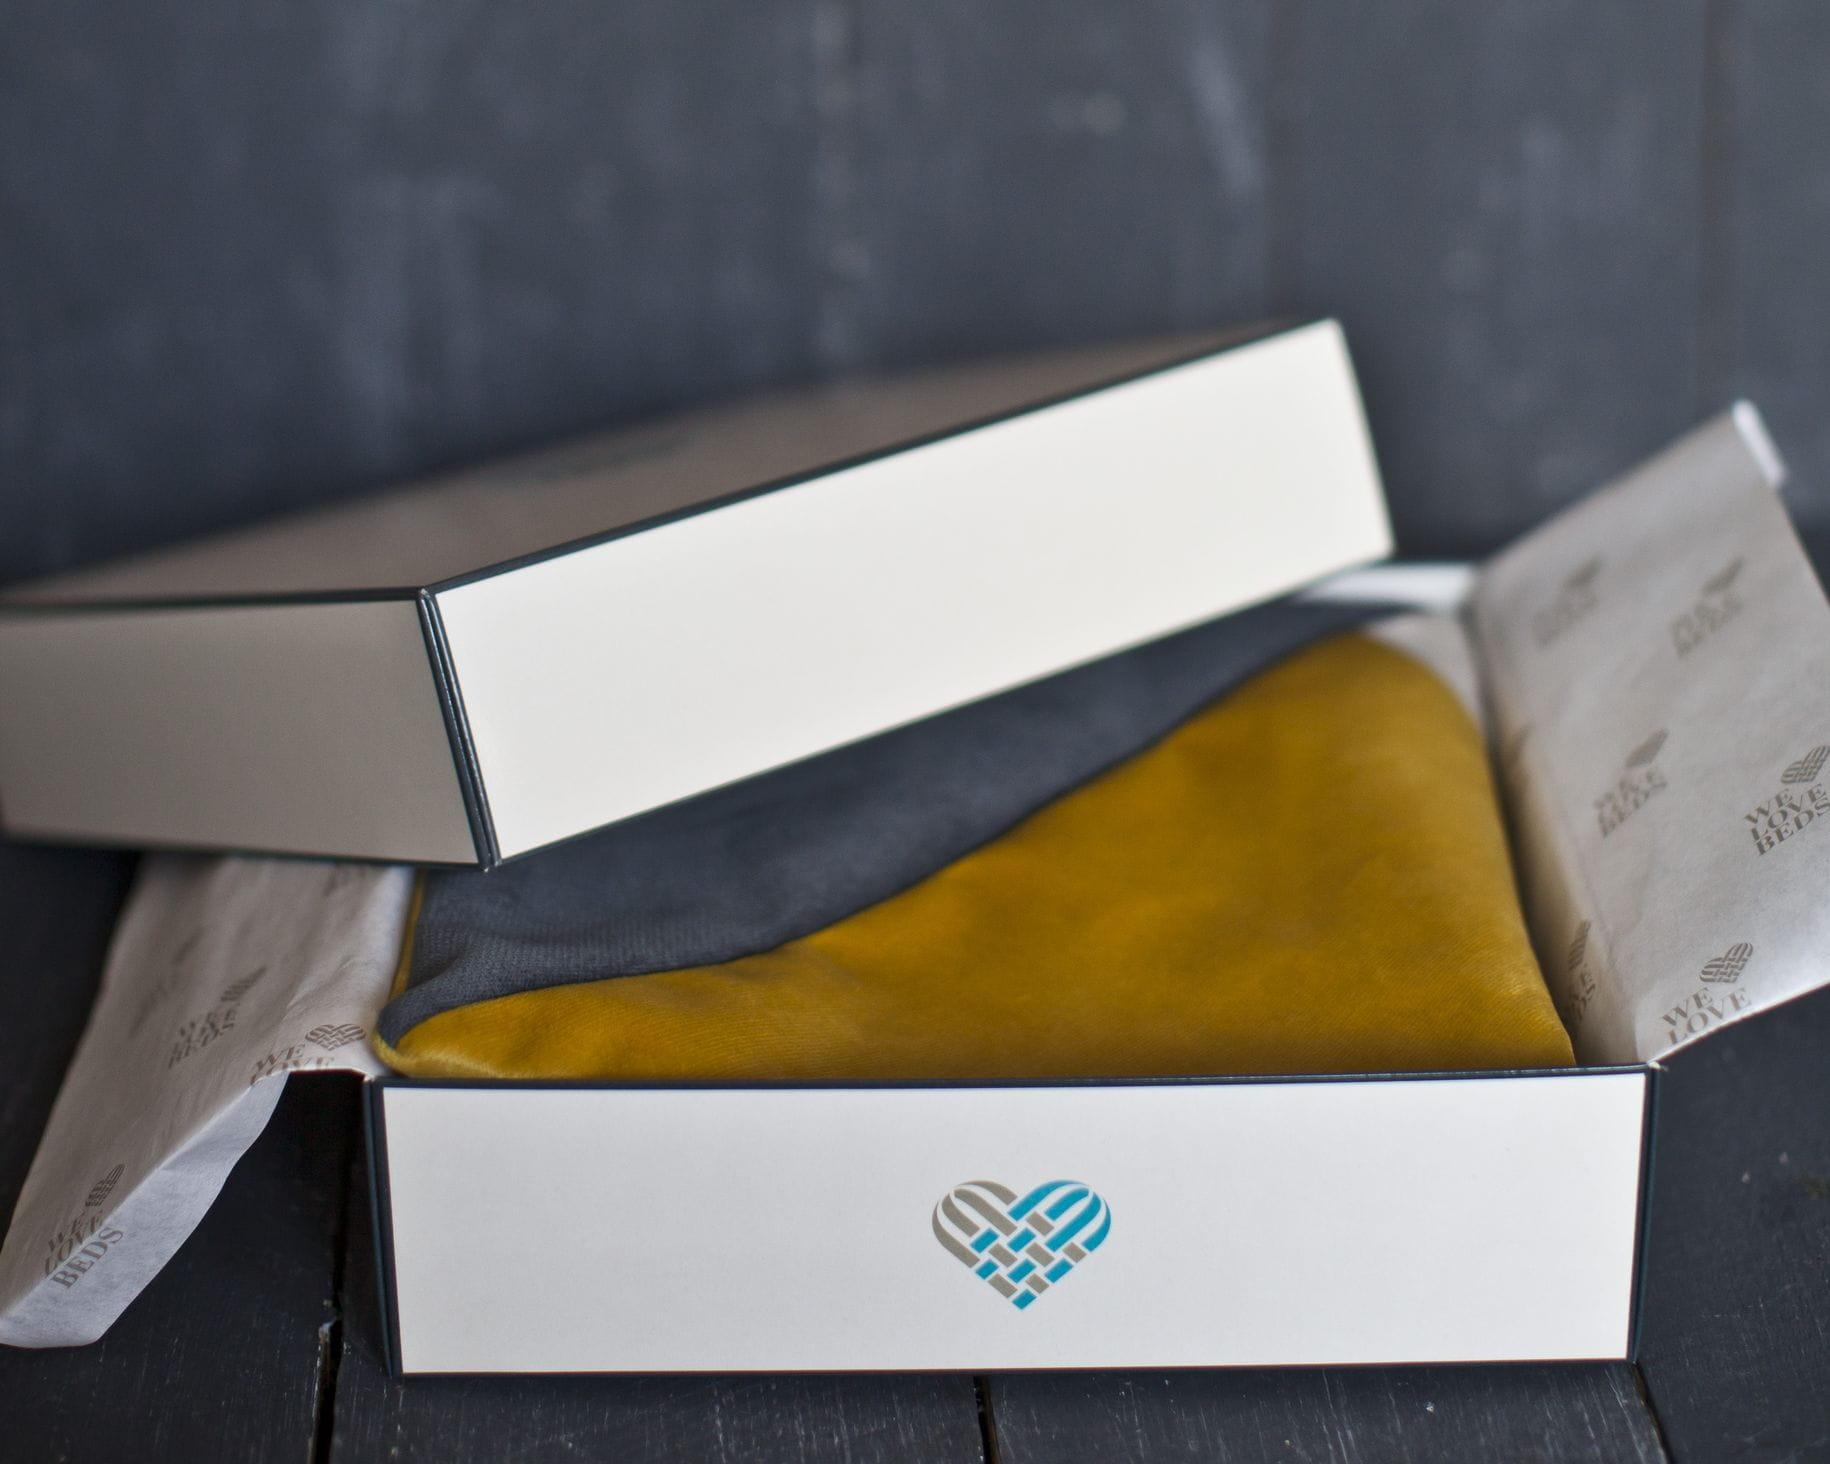 Poszewka dekoracyjna London Główną inspiracją kolekcji poduszek dekoracyjnych Fashion Capitals, stworzonej wspólnie z projektantką wnętrz- Agnieszką Chlebdą, był design lat 60-tych. Światowe stolice designu prezentowały wtenczas (powracające dziś do łask) fotele z drewnianym oparcie, kultowe meblościanki, tapicerowane wersalki, czy pełne koloru, szklane wazony. Projekt asymetrycznych kształtów oraz barwnych tkanin, nadaje wnętrzu nietuzinkowego stylu. Poszewkę wykonano z weluru, materiału delikatnego, miękkiego oraz łatwego do wyczyszczenia. Idealnie nada się do minimalistycznej i gustownej przestrzeni. Każdy produkt pakujemy w kredowy kartonik, wyściełany muślinowym papierem. Poduszka idealnie sprawdzi się tym samym jako wyjątkowy prezent. Poduszka dekoracyjna London tworzy piękny zestaw z poduszkami: Dijon, Jeans Blue. Zadbaj o swoje wnętrze. Kolor: żółty, szary, ecru. Dostępne rozmiary : 45x45 cm - pasuje do niej wkład jedwabny 50x50 cm. Tkanina: Poliester. Wymiary produktów wykonan